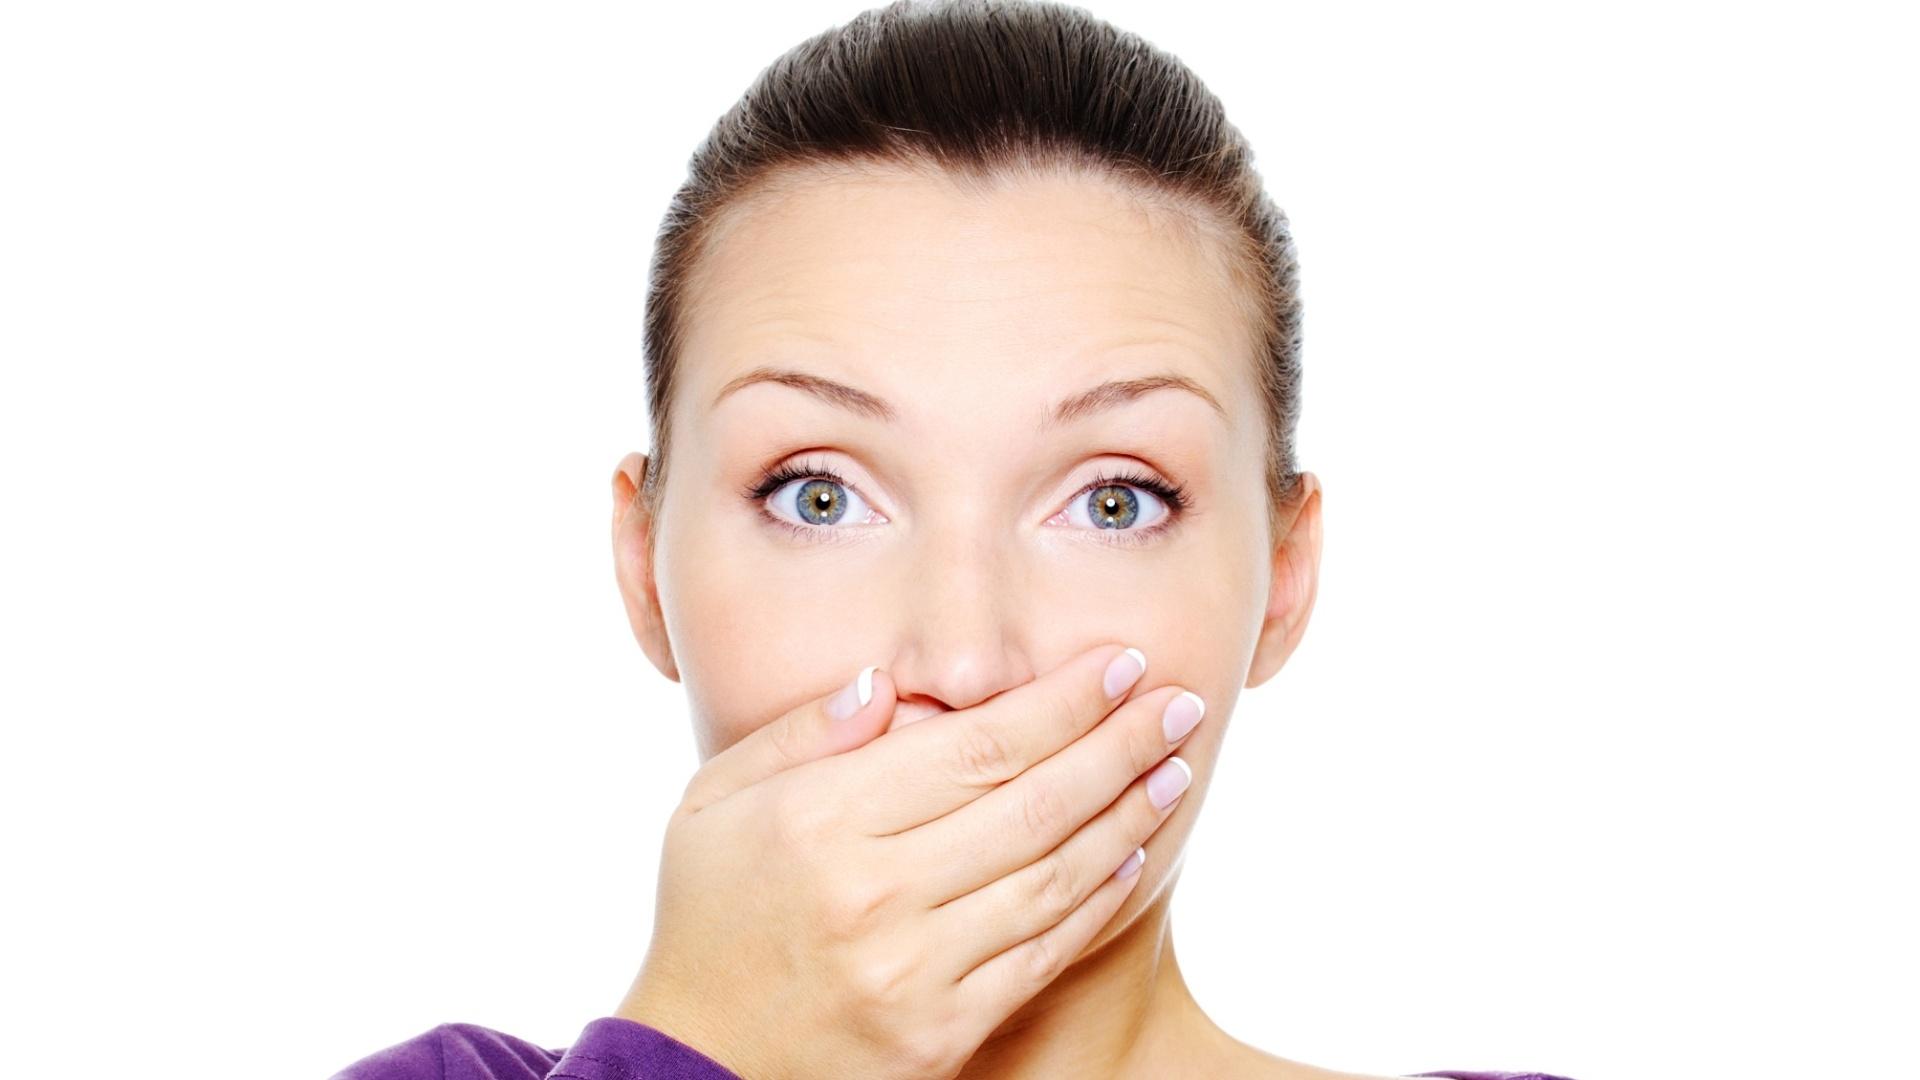 Mau hálito provoca diminuição da qualidade de vida